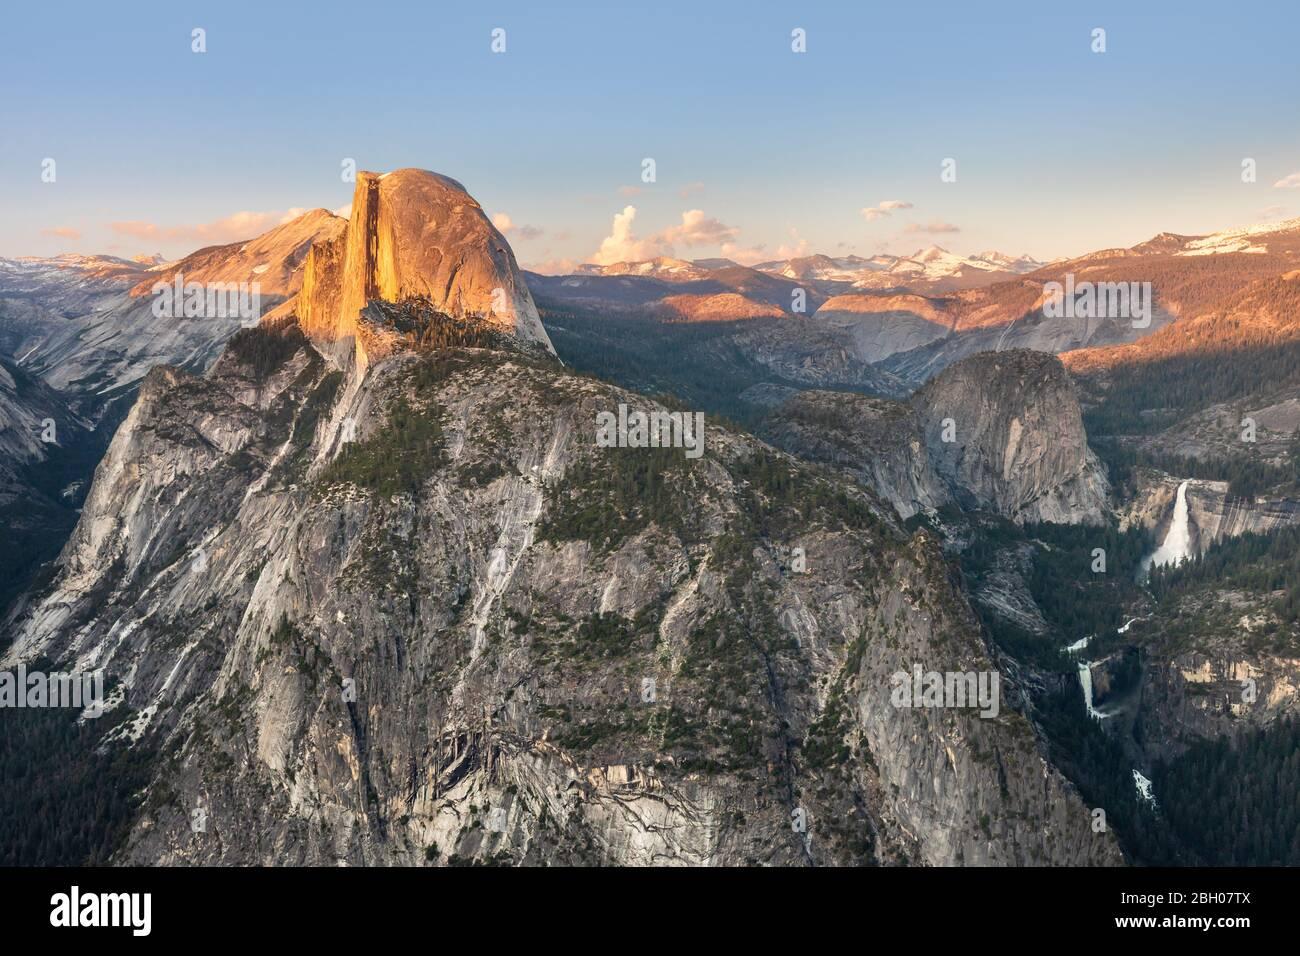 El pico Half Dome y la cascada Yosemite Falls como se ve Desde Glacier Point al atardecer Foto de stock